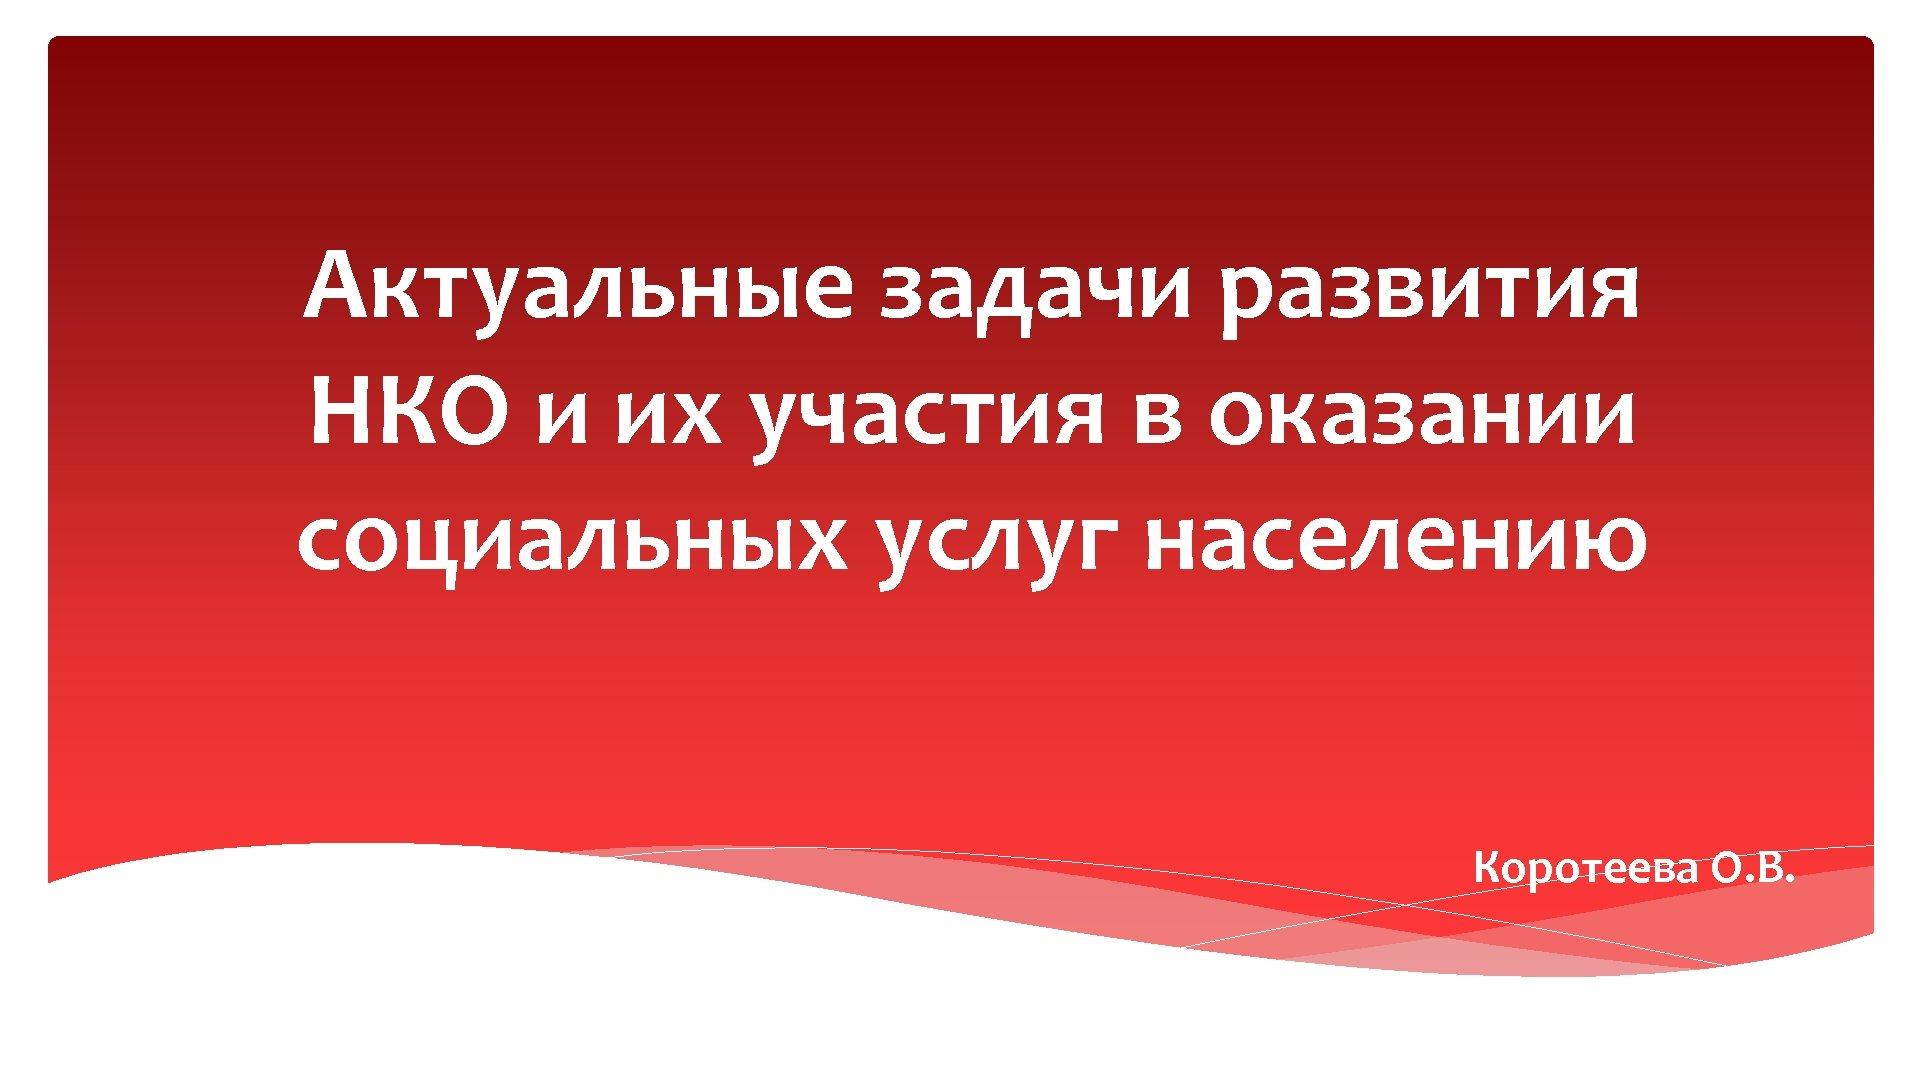 Актуальные задачи развития НКО и их участия в оказании социальных услуг населению Коротеева О.